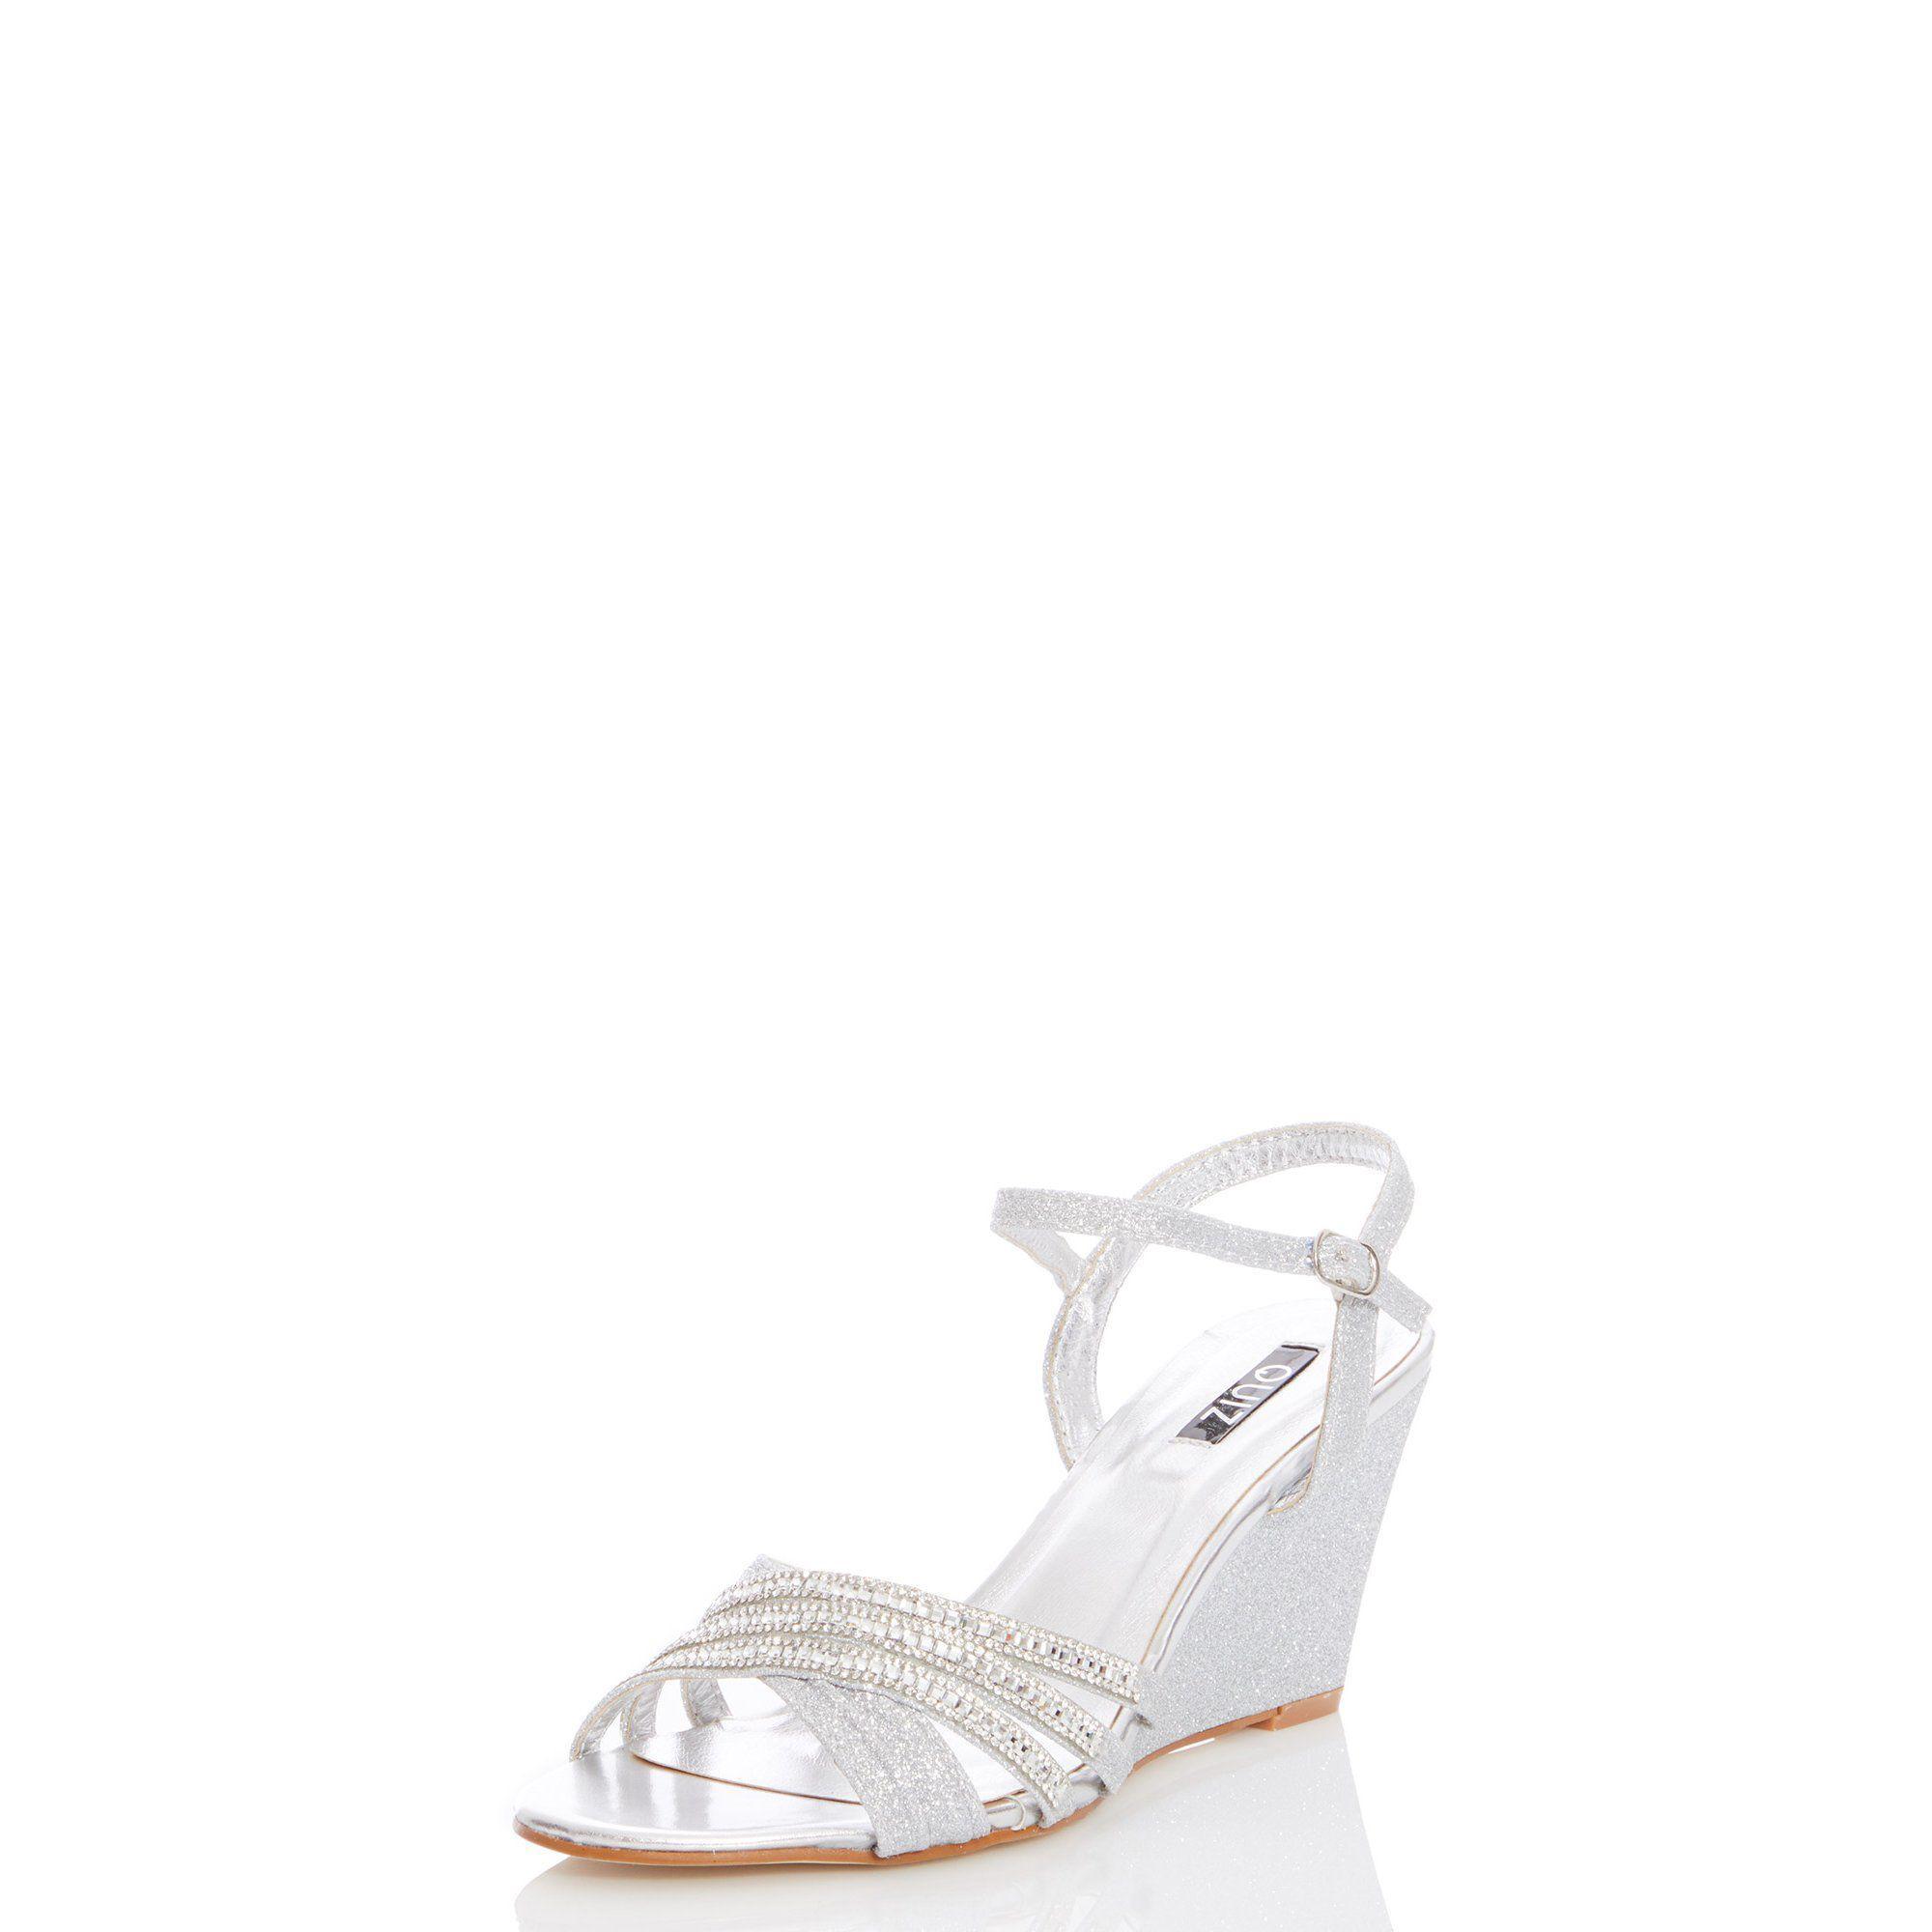 0eab75e1d41 Quiz - Metallic Silver Diamante Wedge Sandals - Lyst. View fullscreen